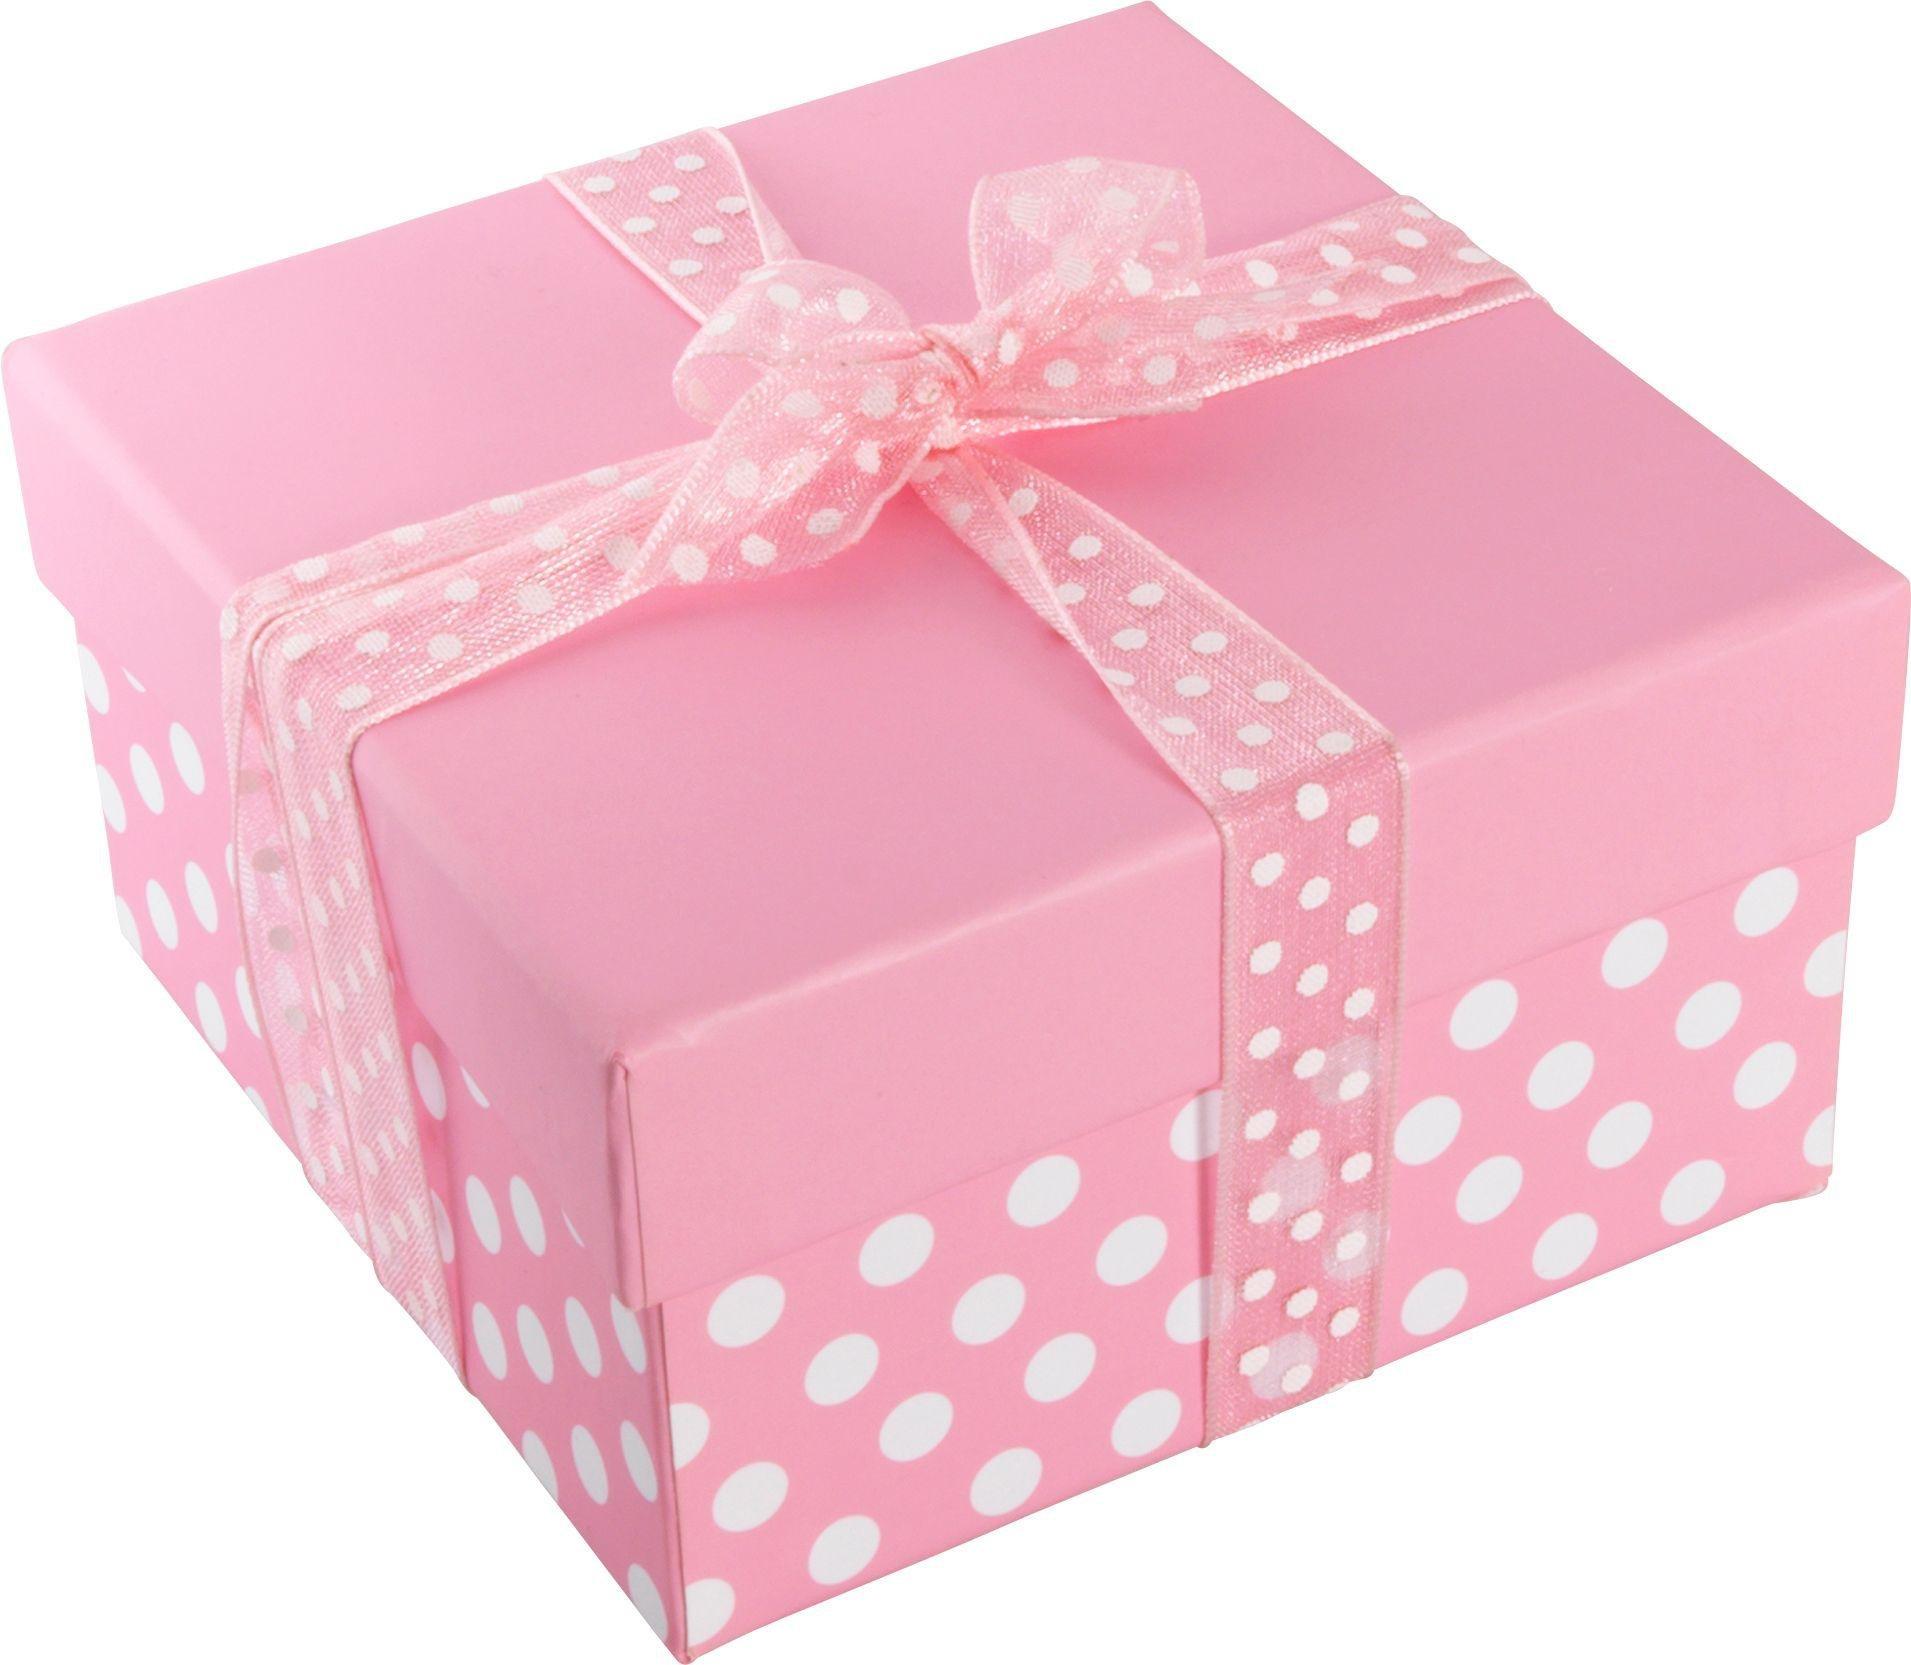 Argos Wedding Gift List Uk : Buy Ladies jewellery at Argos.co.uk - Your Online Shop for Jewellery ...